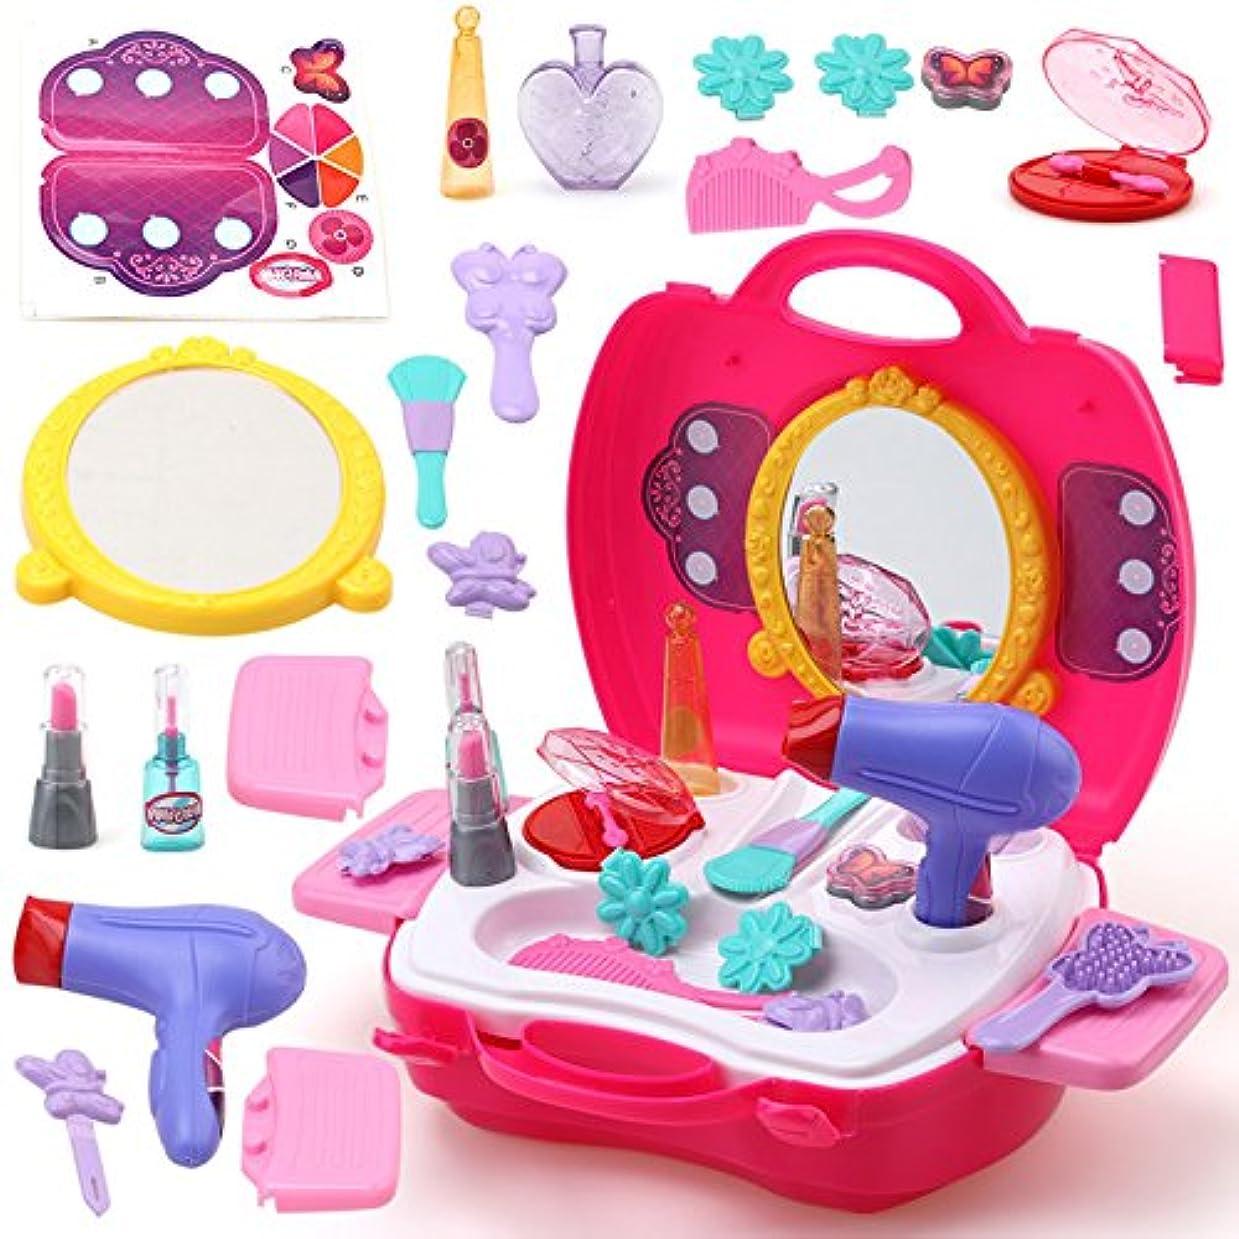 行商パンダフレッシュLiebeye ポータブル プラスチック化粧品のケース おもちゃ 教育おもちゃ ギフト 赤ちゃん 女の子